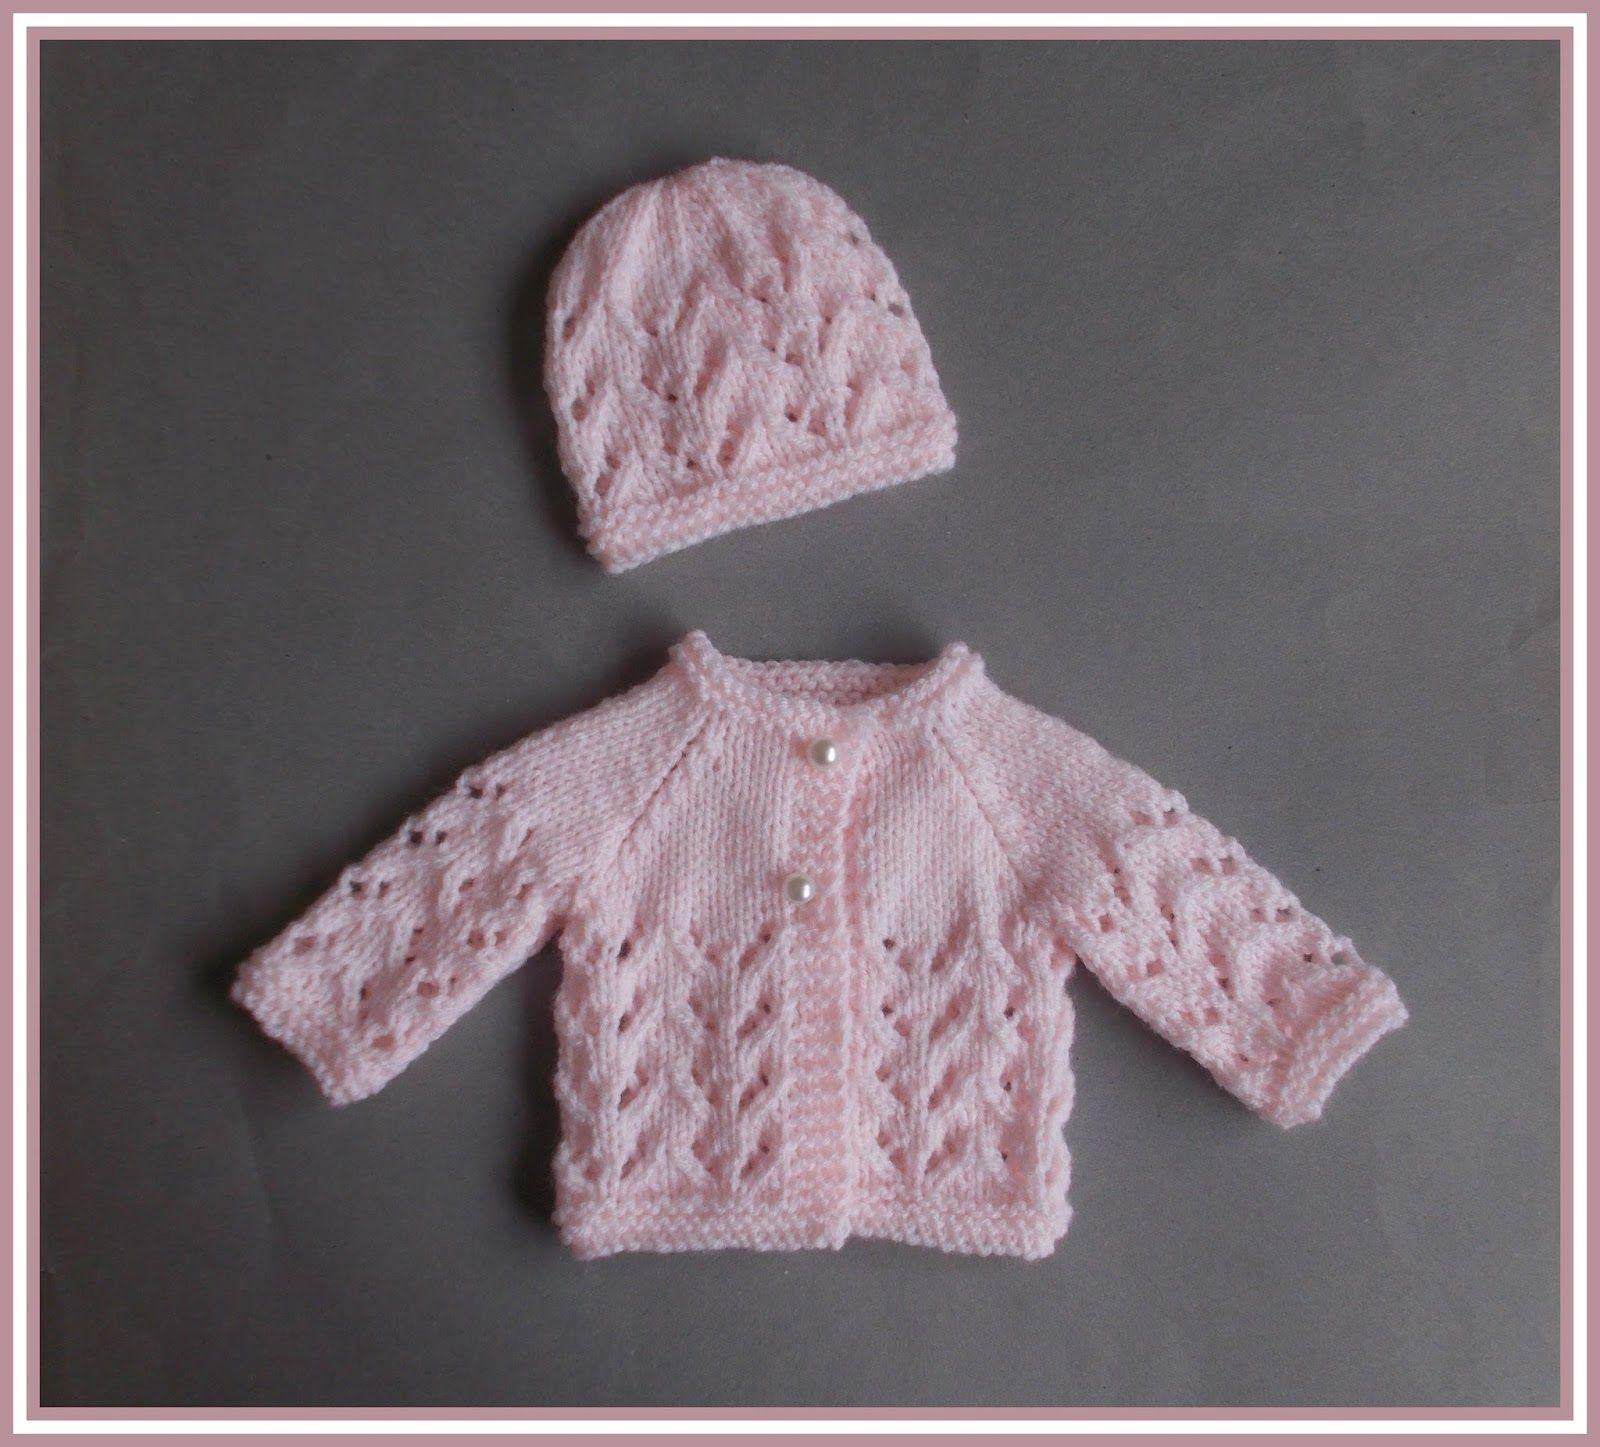 4abe422e4 marianna s lazy daisy days  Little Bibi - Preemie Baby Jacket   Hat ...